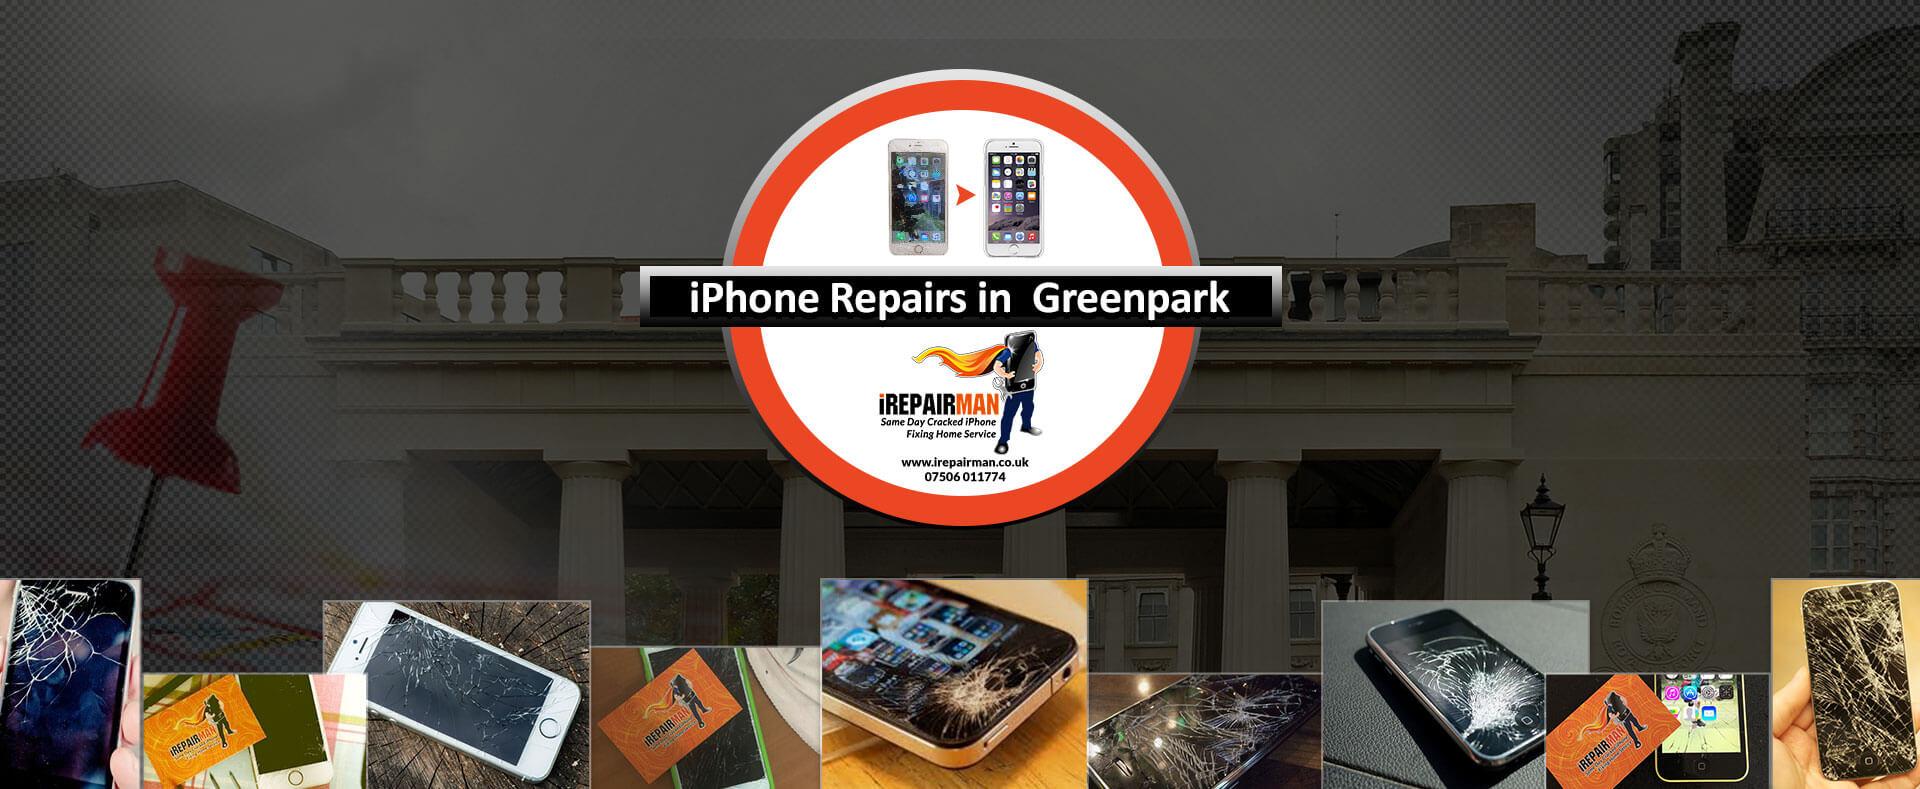 iPhone Repairs in Greenpark